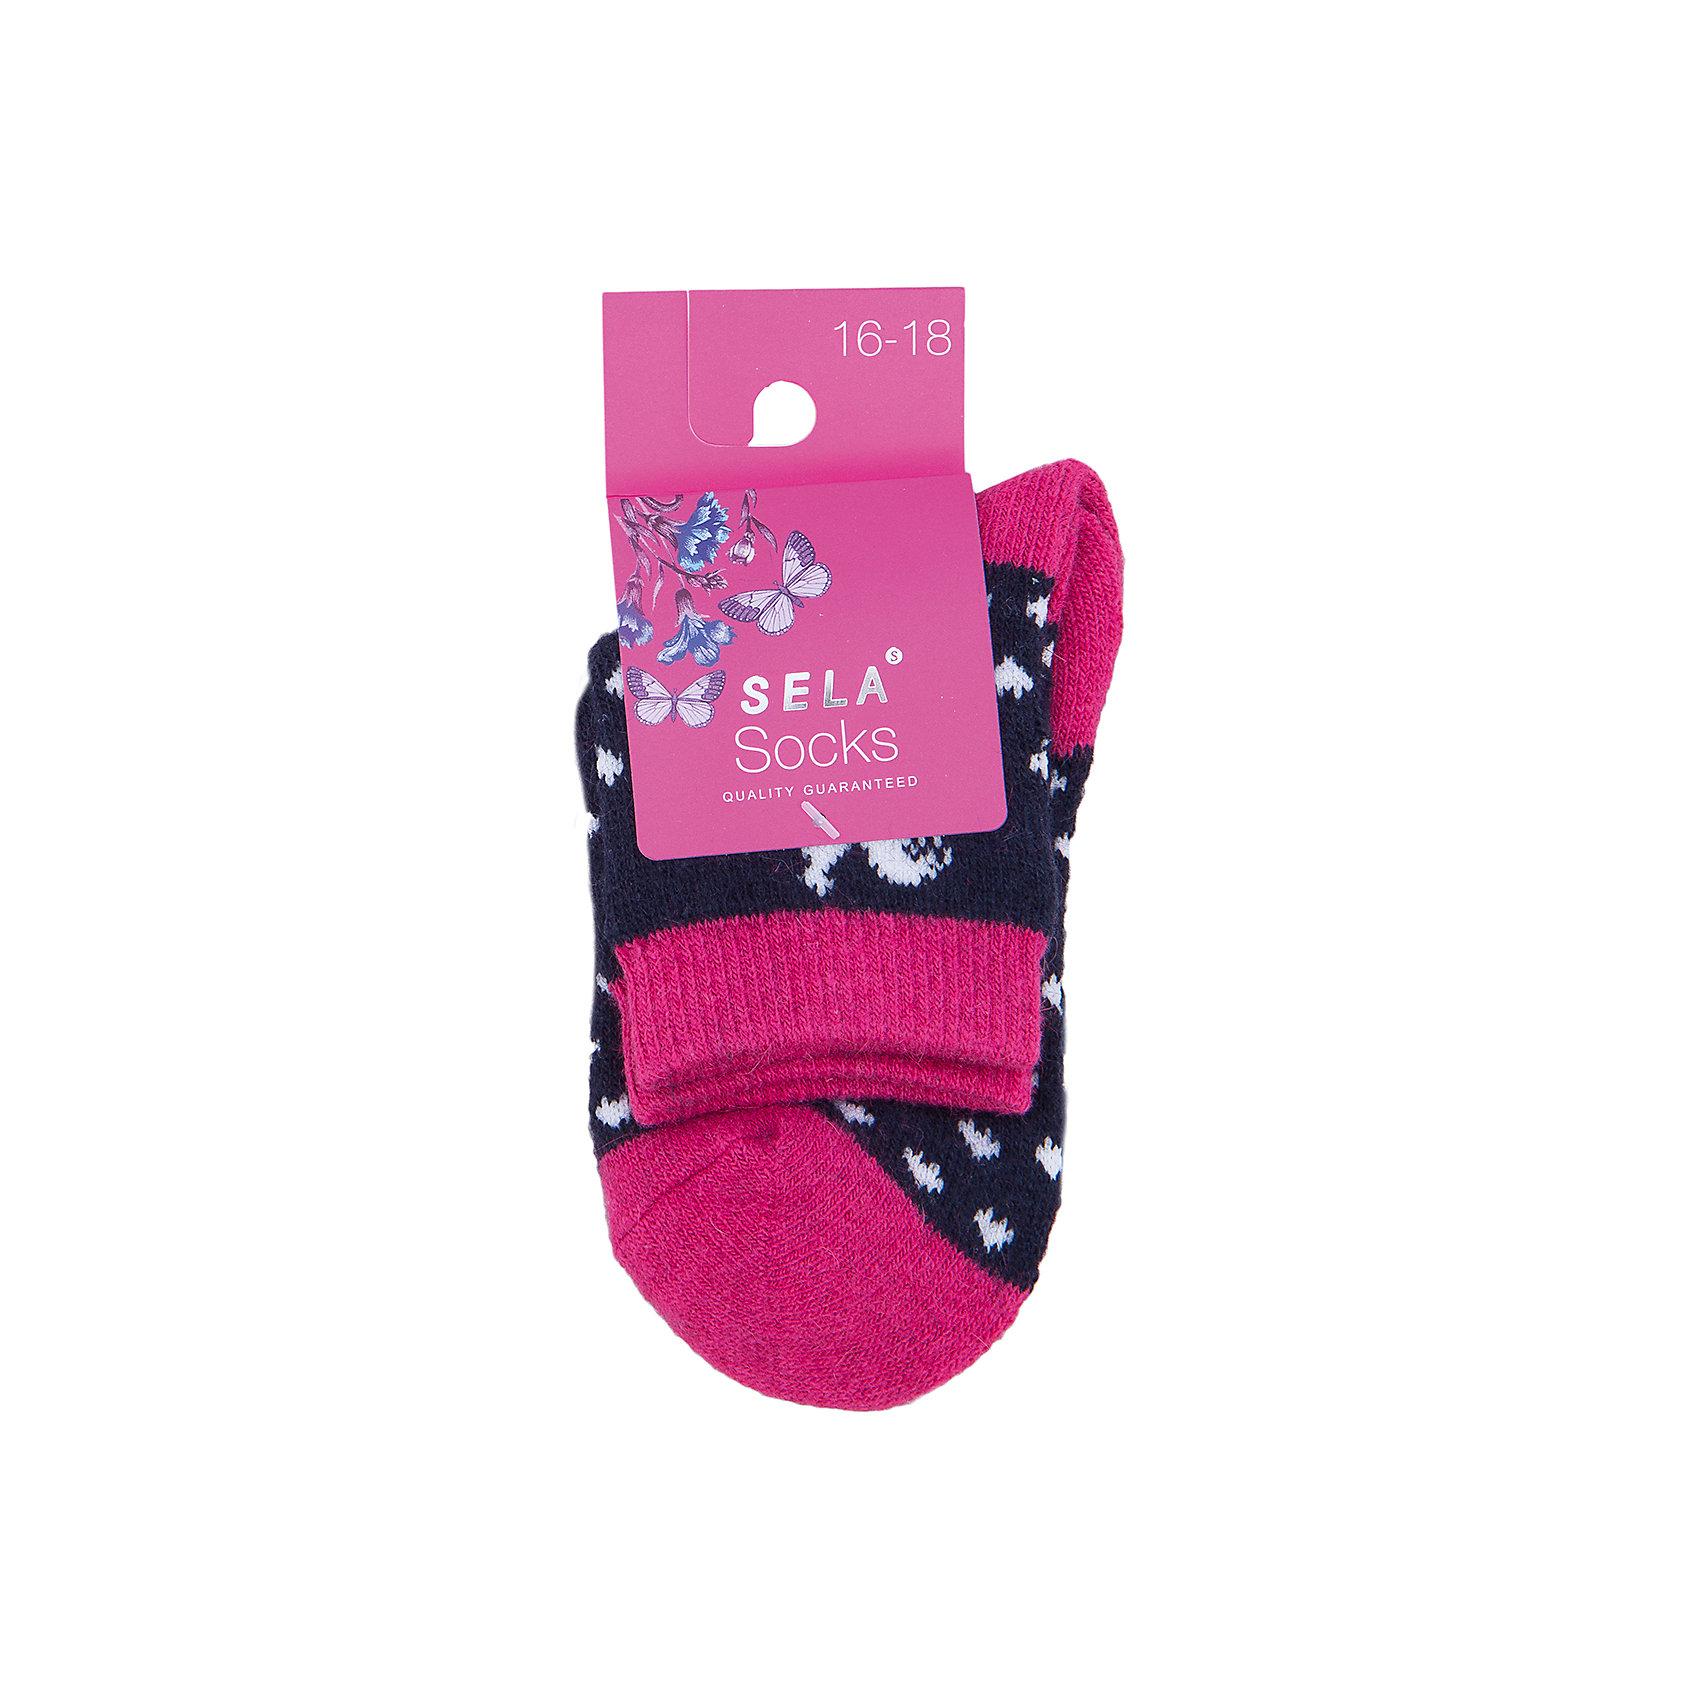 Носки для девочки SELAУдобные носки - неотъемлемая составляющая комфорта ребенка. Эта модель отлично сидит на девочке, она сшита из приятного на ощупь материала, мягкая и дышащая. Натуральный хлопок в составе ткани не вызывает аллергии и обеспечивает ребенку комфорт. Мягкая резинка не сдавливает ногу.<br>Одежда от бренда Sela (Села) - это качество по приемлемым ценам. Многие российские родители уже оценили преимущества продукции этой компании и всё чаще приобретают одежду и аксессуары Sela.<br><br>Дополнительная информация:<br><br>цвет: разноцветный;<br>материал: 63% ПЭ, 15% ангора, 10% вискоза, 5% шерсть, 5% ПА, 2% эластан;<br>мягкая резинка;<br>трикотаж.<br><br>Носки для девочки от бренда Sela можно купить в нашем интернет-магазине.<br><br>Ширина мм: 87<br>Глубина мм: 10<br>Высота мм: 105<br>Вес г: 115<br>Цвет: розовый<br>Возраст от месяцев: 132<br>Возраст до месяцев: 144<br>Пол: Женский<br>Возраст: Детский<br>Размер: 32-35,26-29,29-32<br>SKU: 5020283